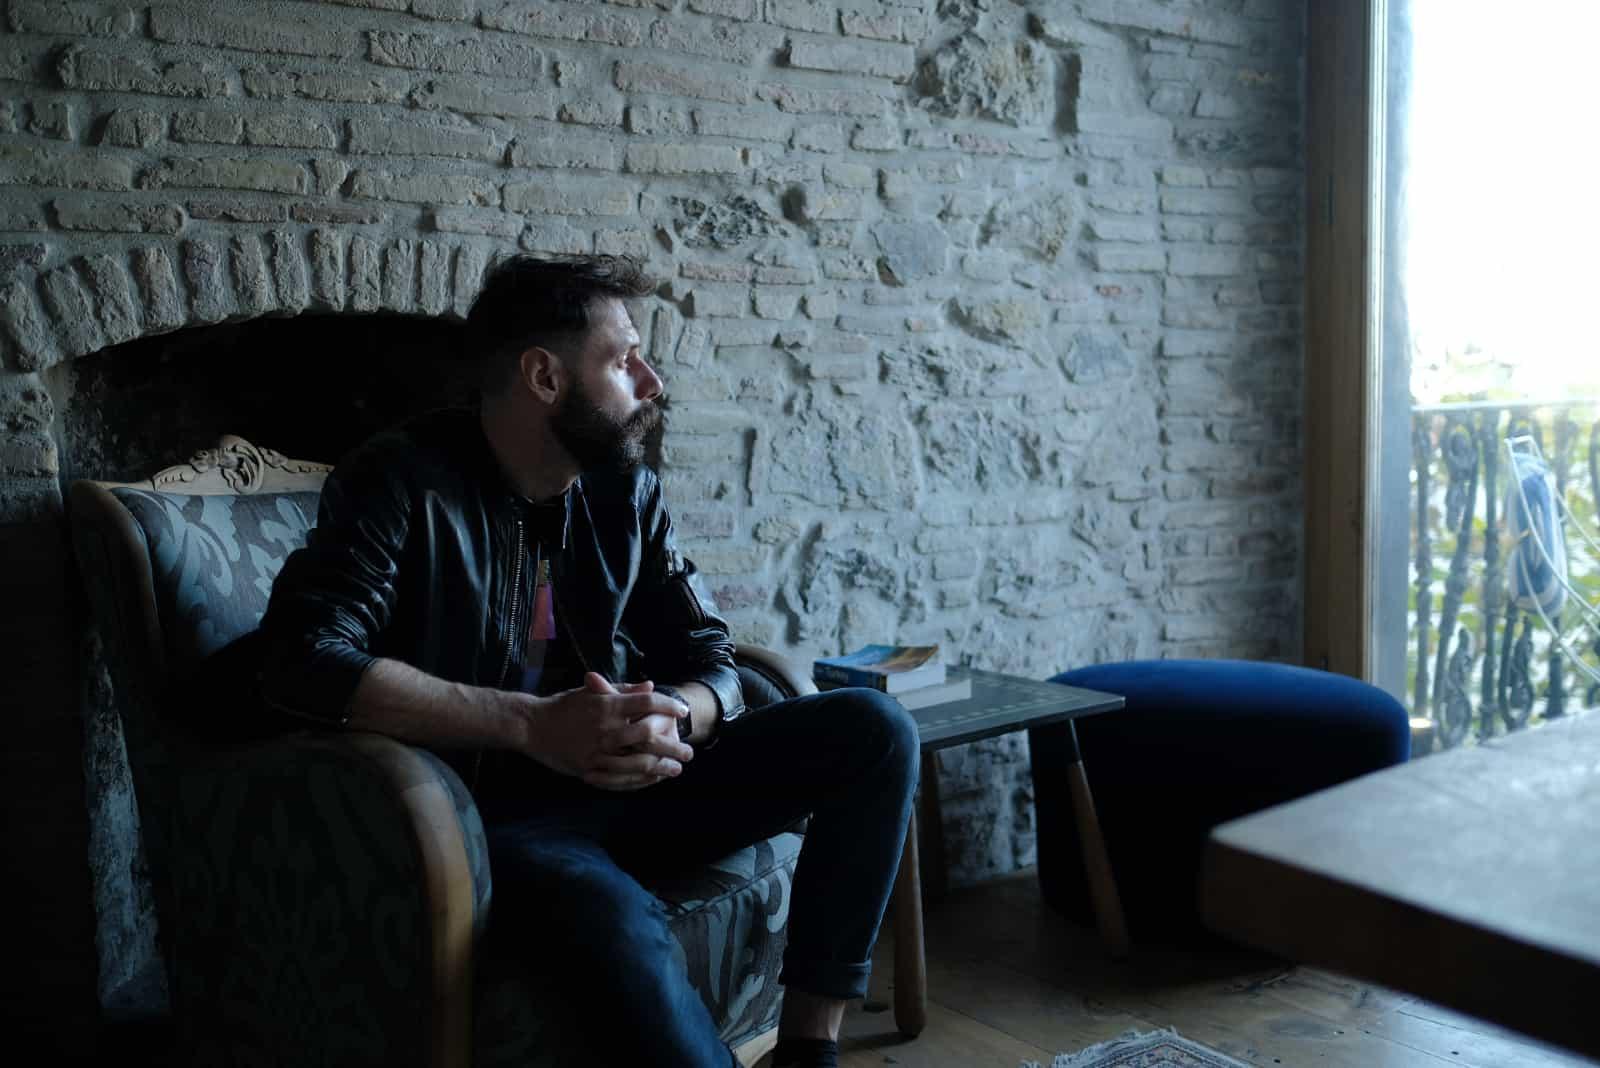 homme pensif assis sur un fauteuil regardant par la fenêtre